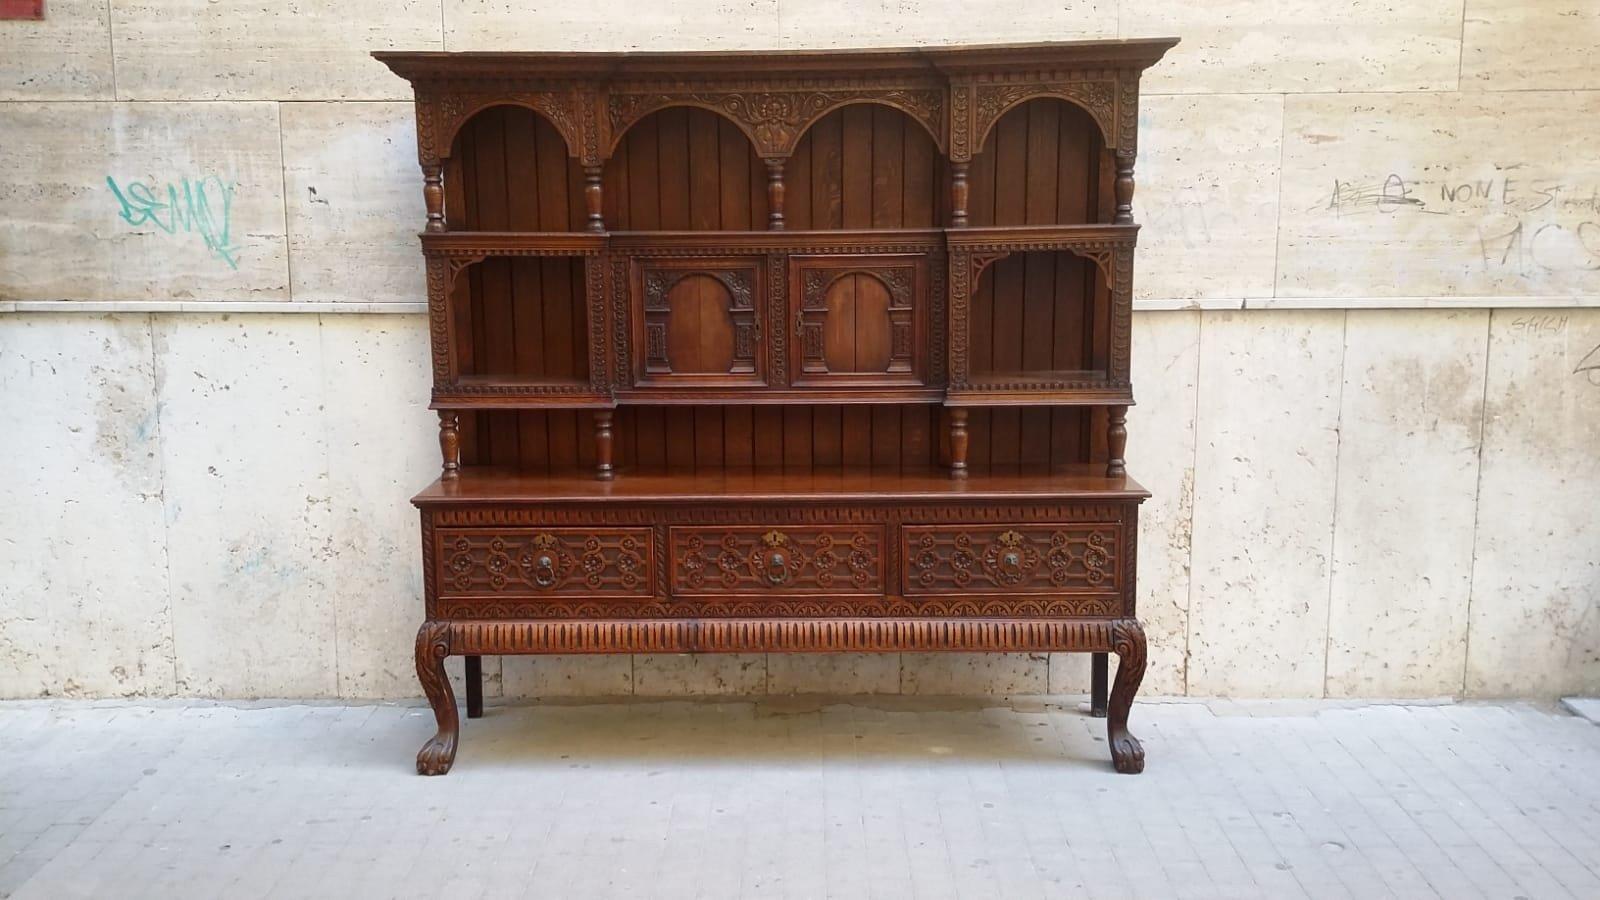 Antikes spanisches Sideboard aus geschnitztem Holz